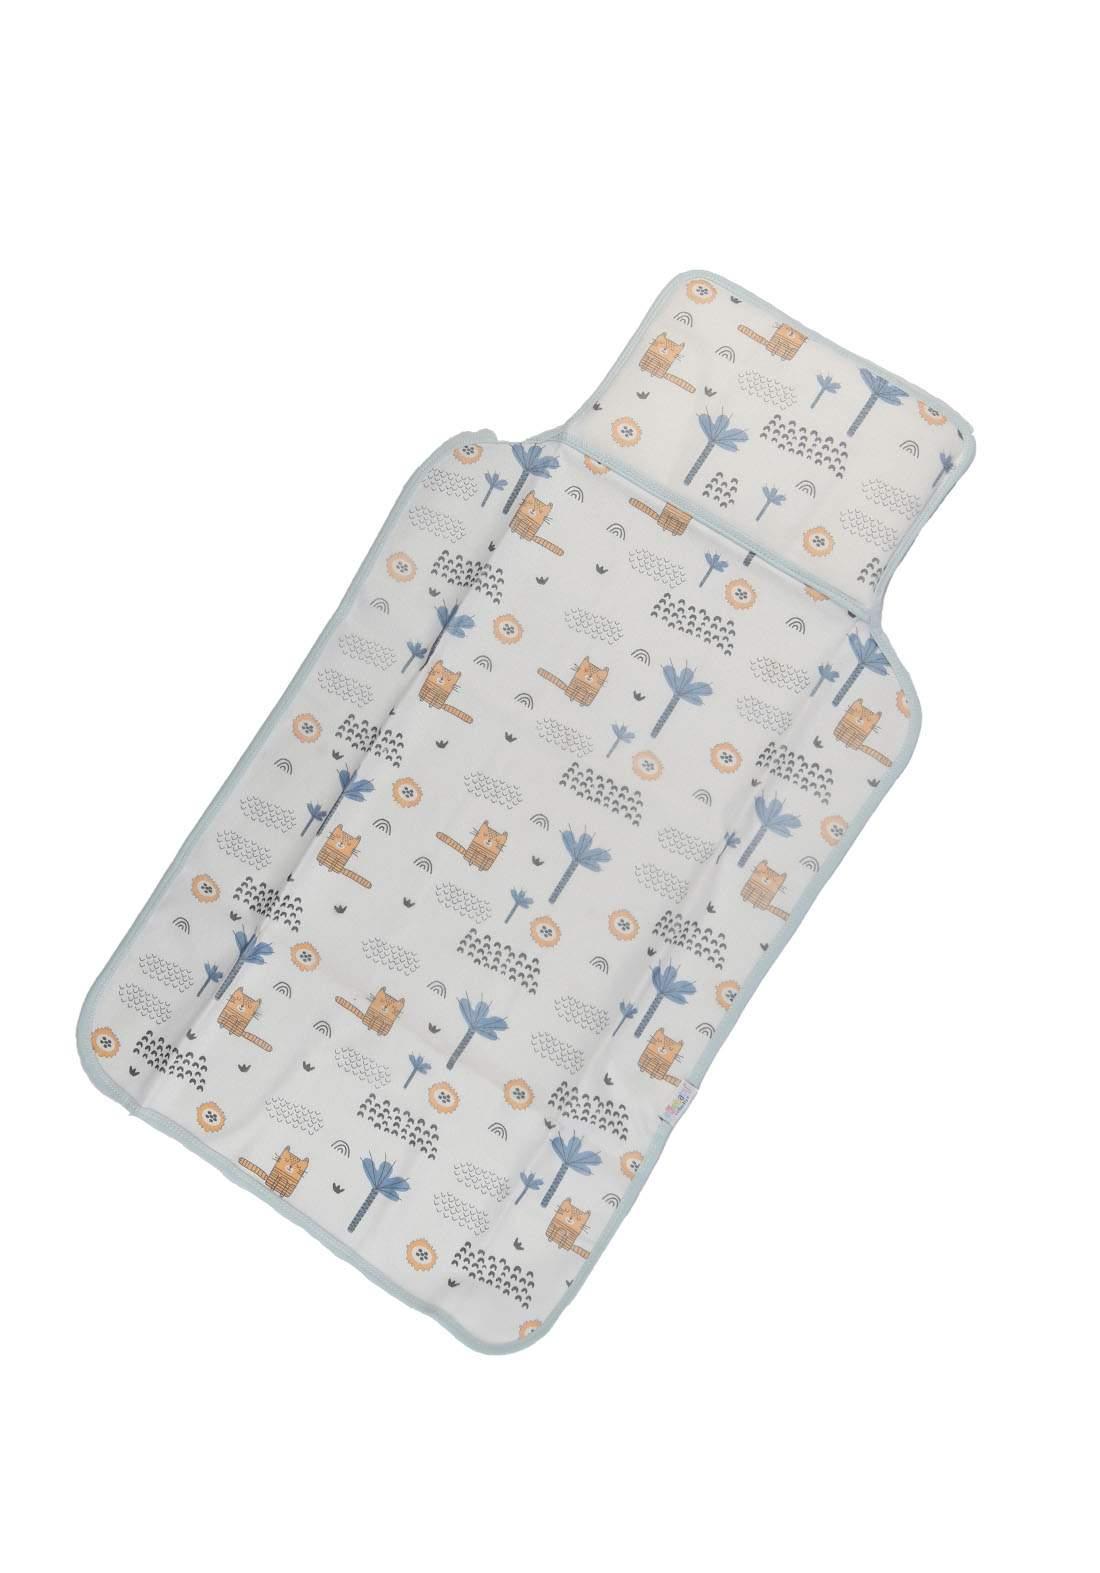 سرير للاطفال حديثي الولادة ابيض وسمائي اللون 6007